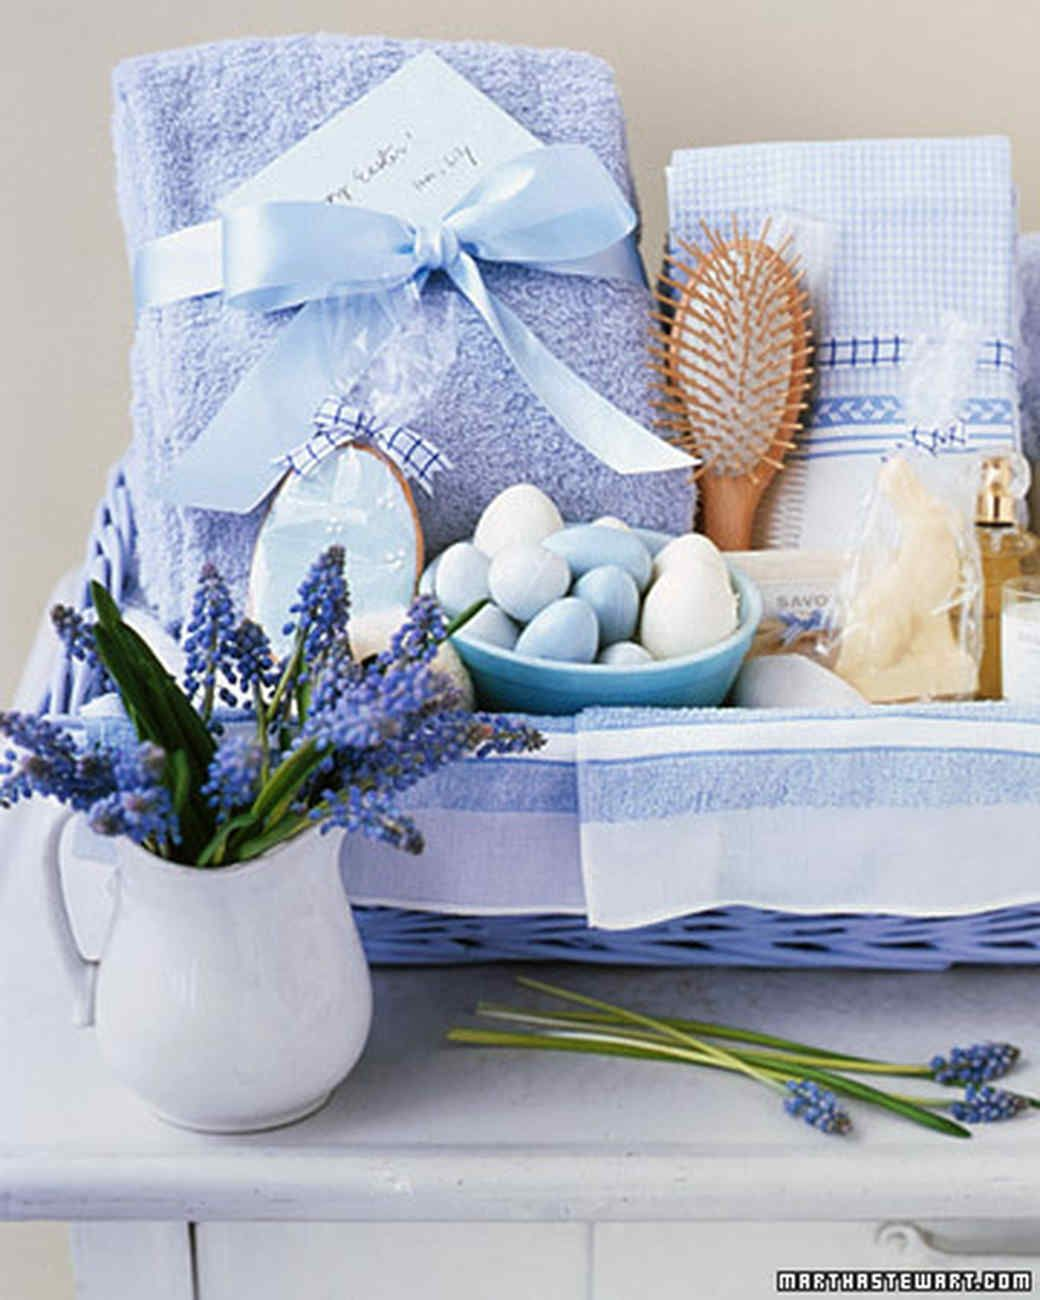 Mother's Day Gift Baskets | Martha Stewart #mothersday #mothersdaygift #makemomsday #mothersdaydiy